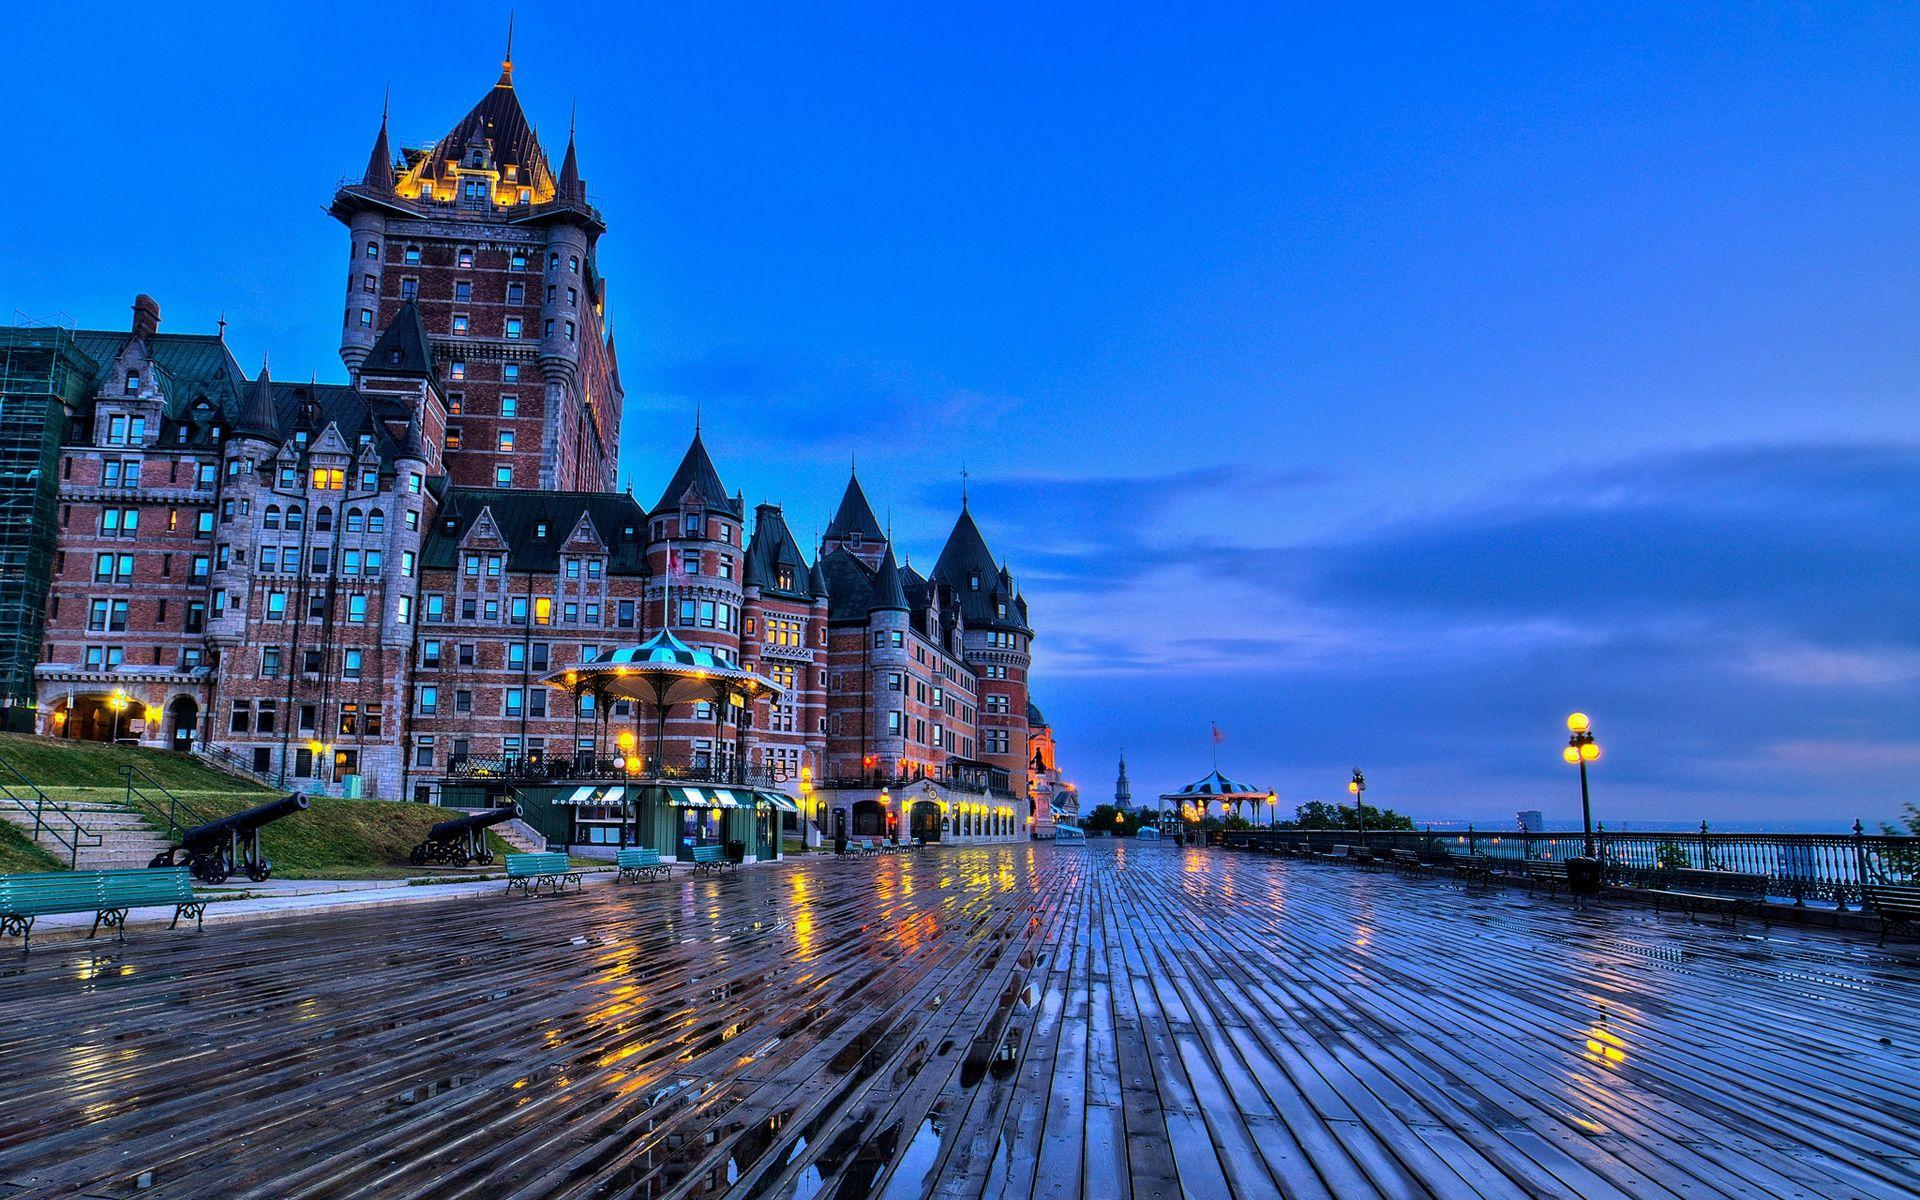 ケベック カナダ シャトーフロントナック城 ベンチ 夕方 壁紙 19x10 壁紙ダウンロード ケベック カナダ シャトー